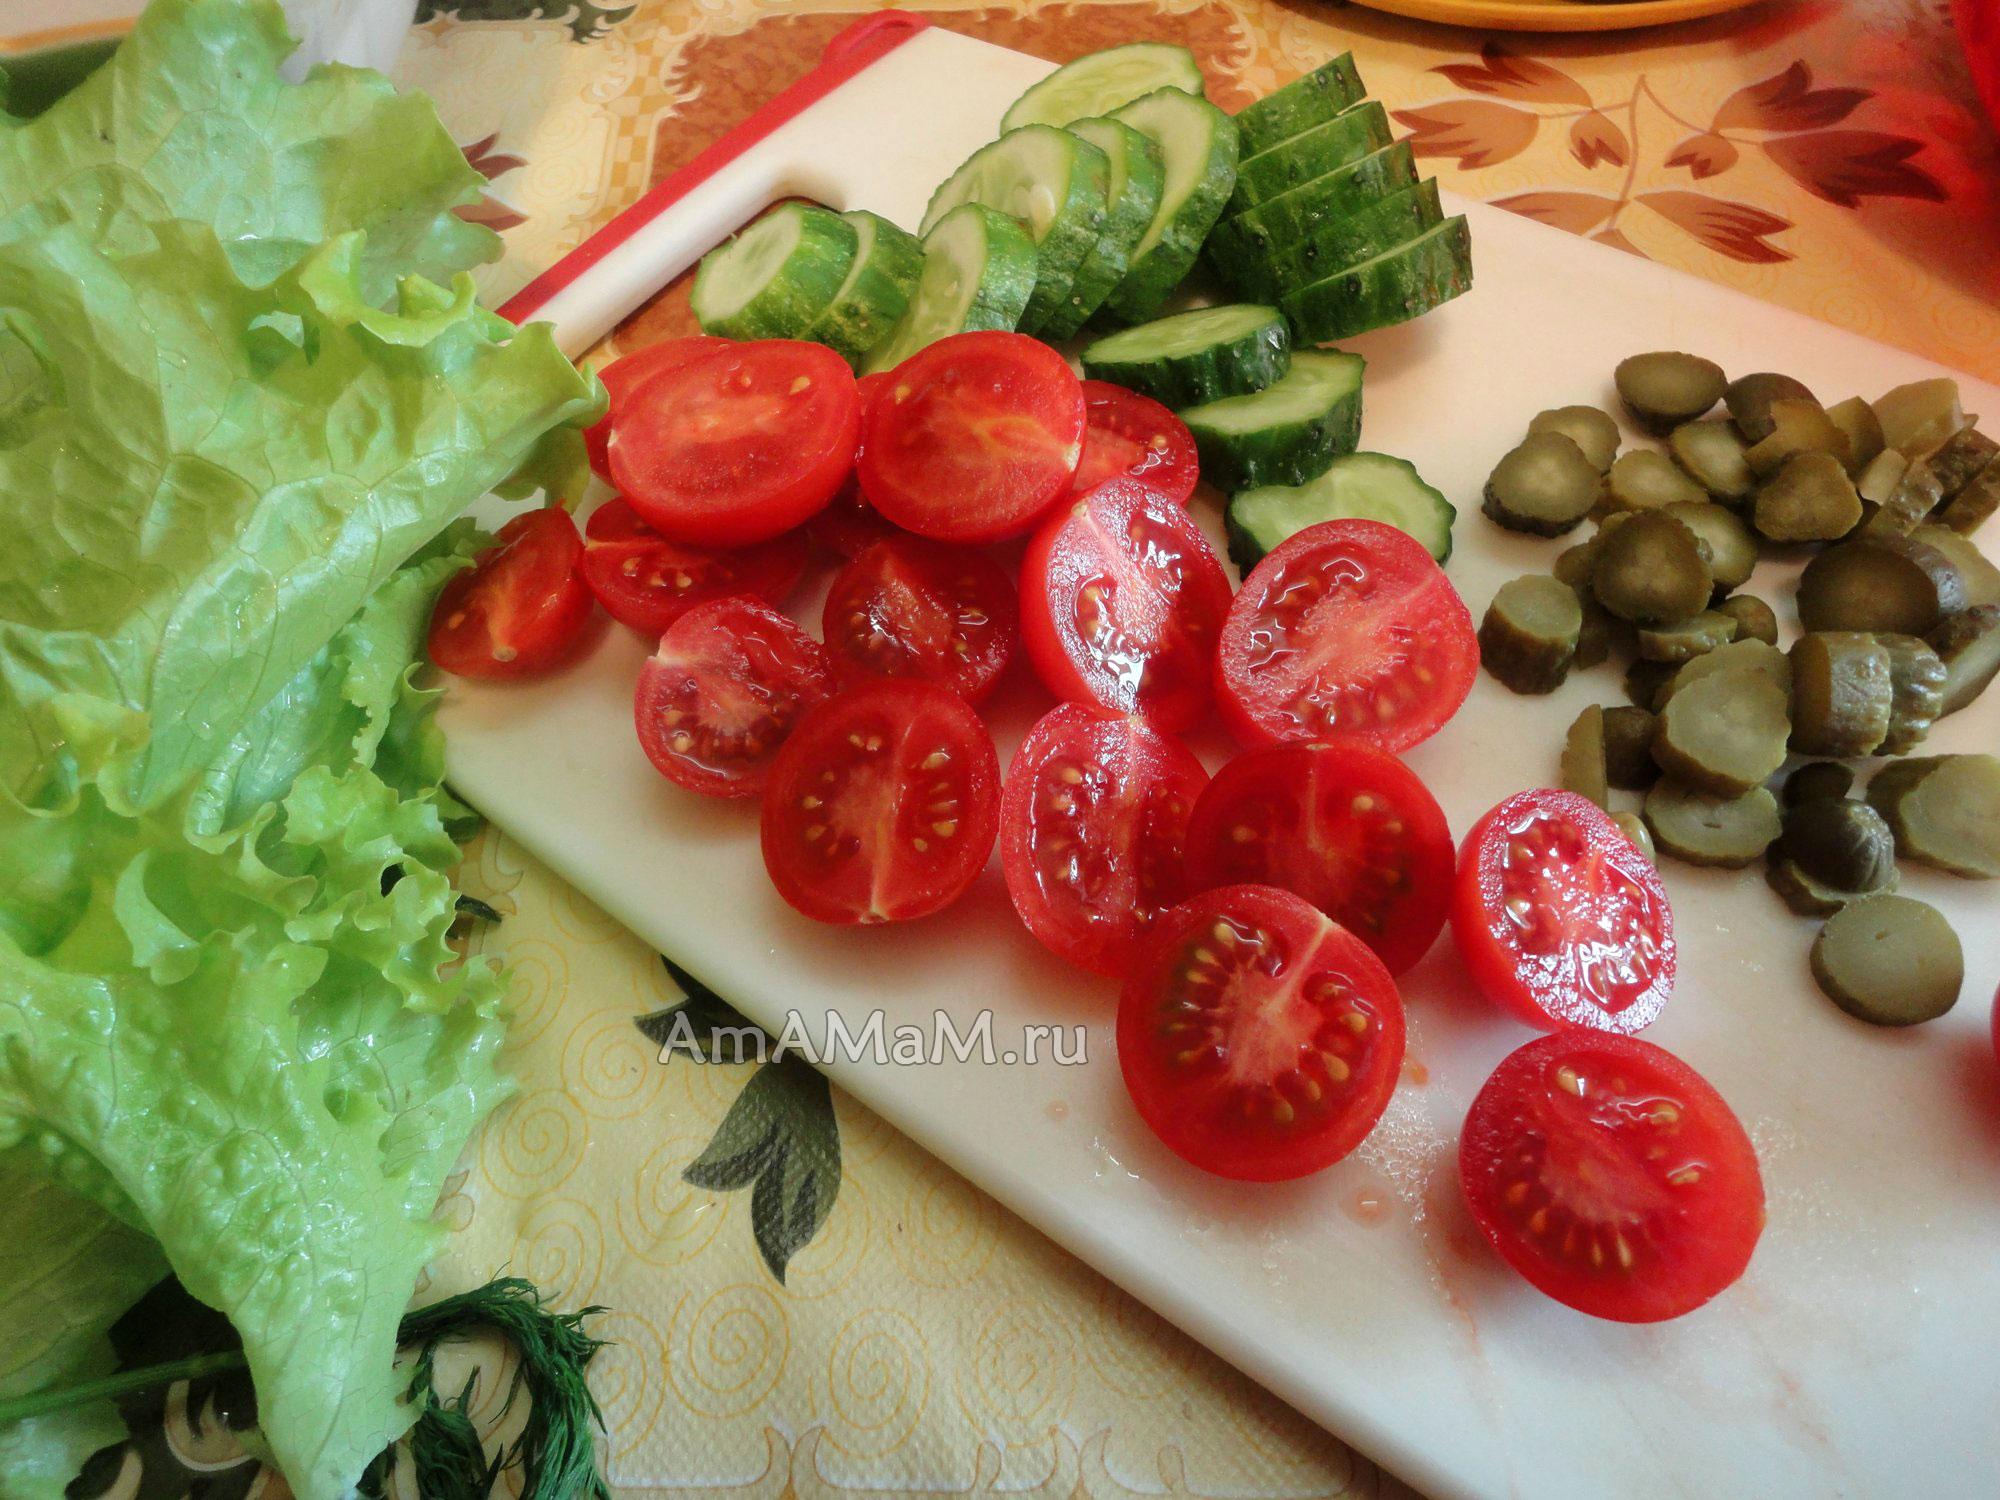 Как красиво нарезать помидор пошаговое фото